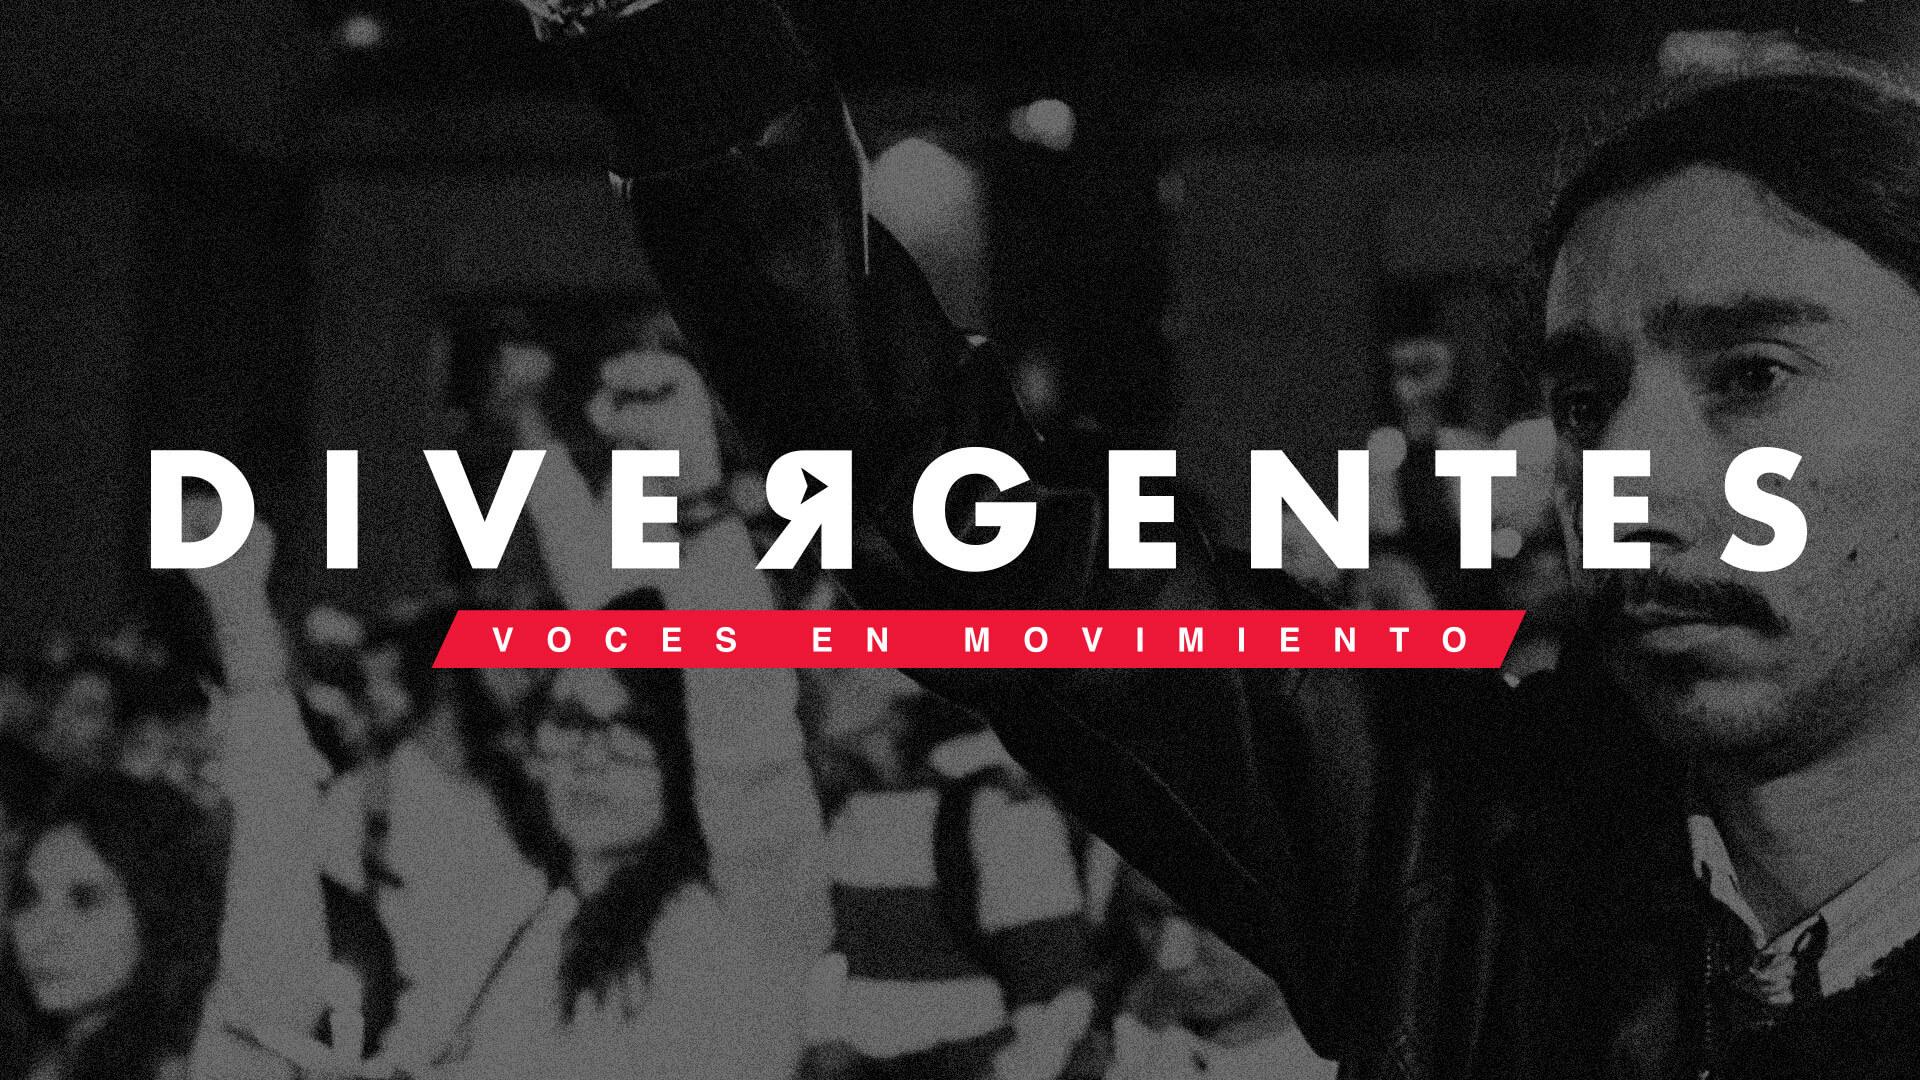 ¡Pacifista! presenta: Divergentes, las voces de la movilización en Colombia